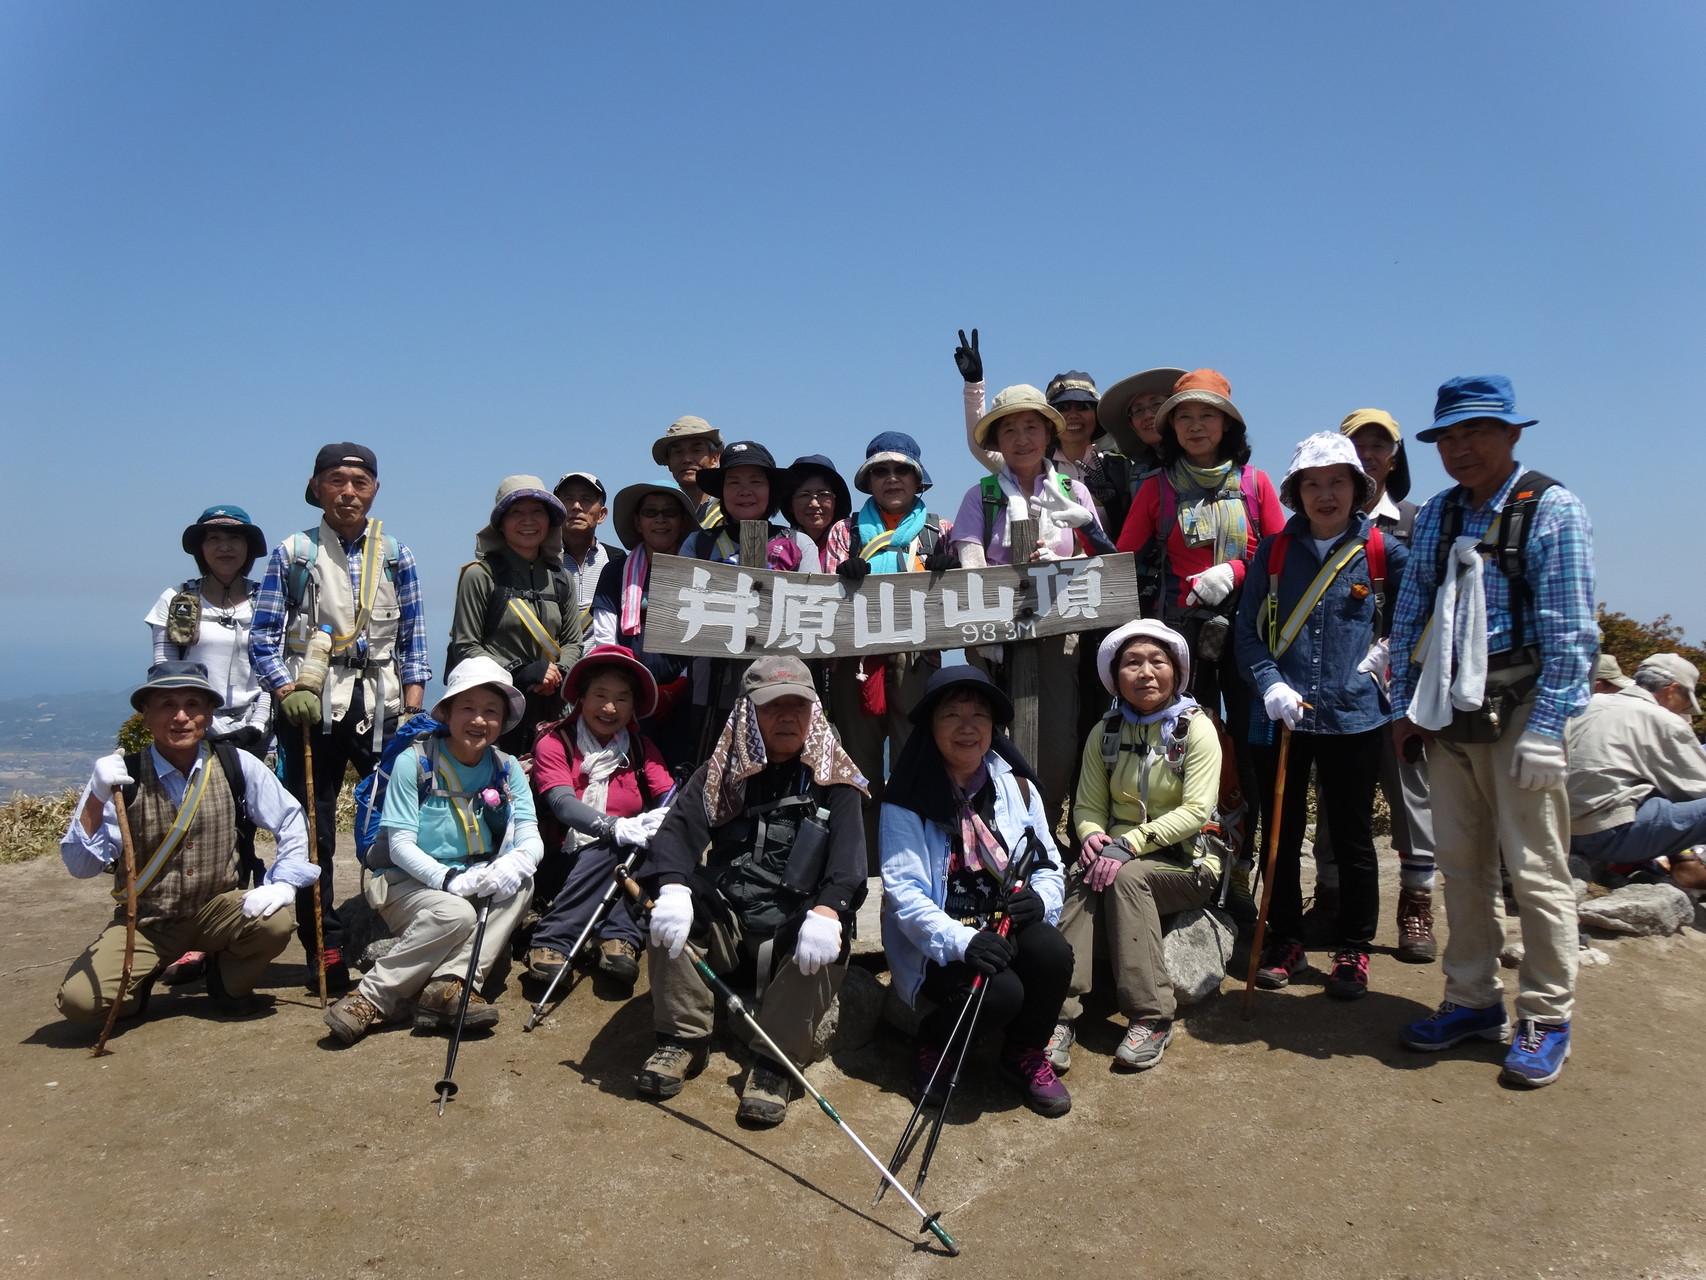 井原山です